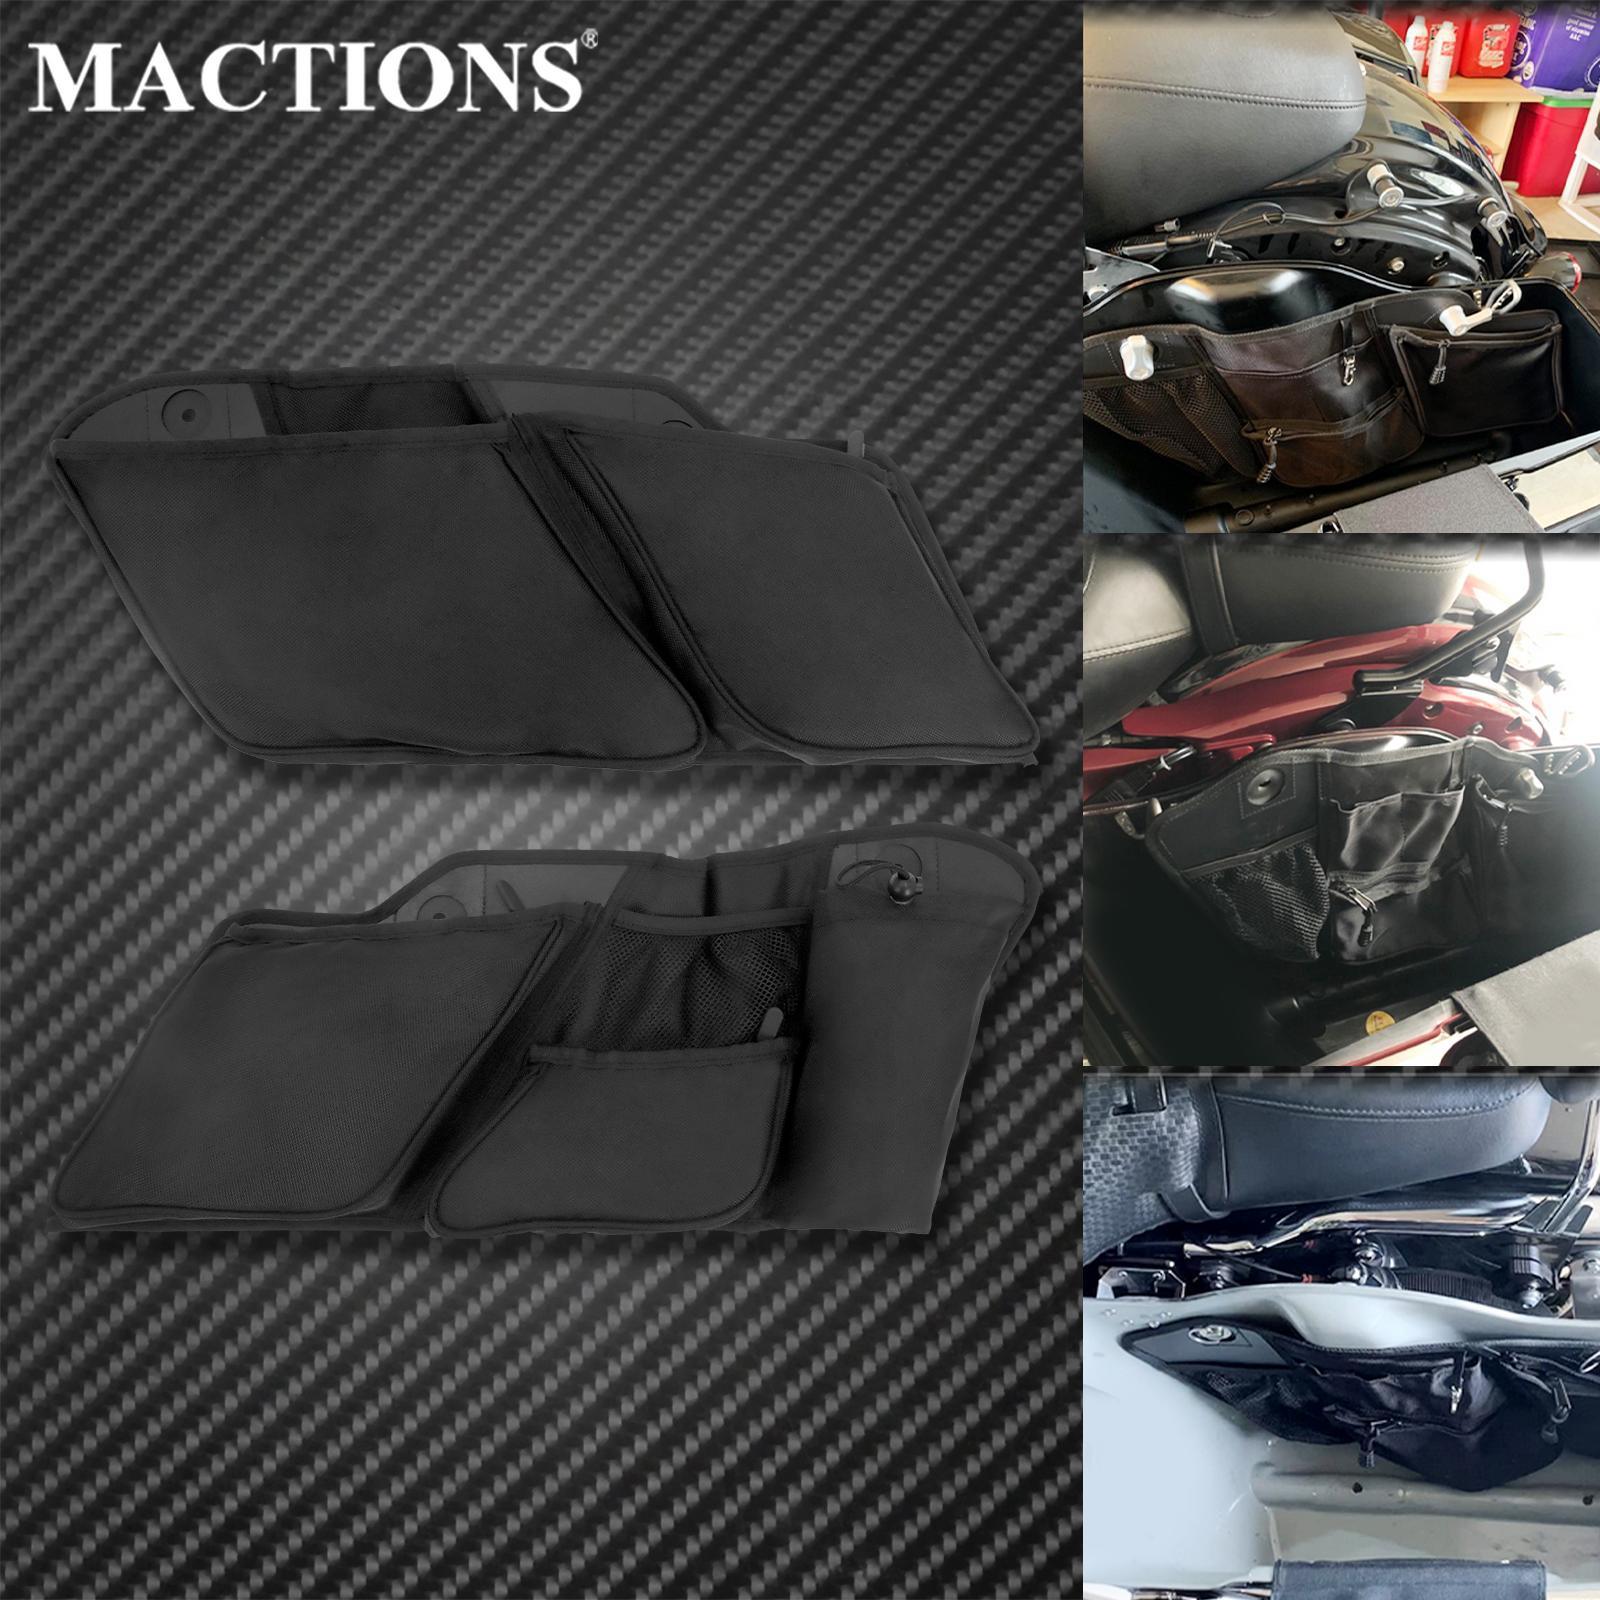 منظم حقائب الدراجات النارية لأدوات التخزين بطانة سوداء لهارلي بجولة إلكترا رود الإنزلاق CVO Limited FLHTKSE 2014-2021